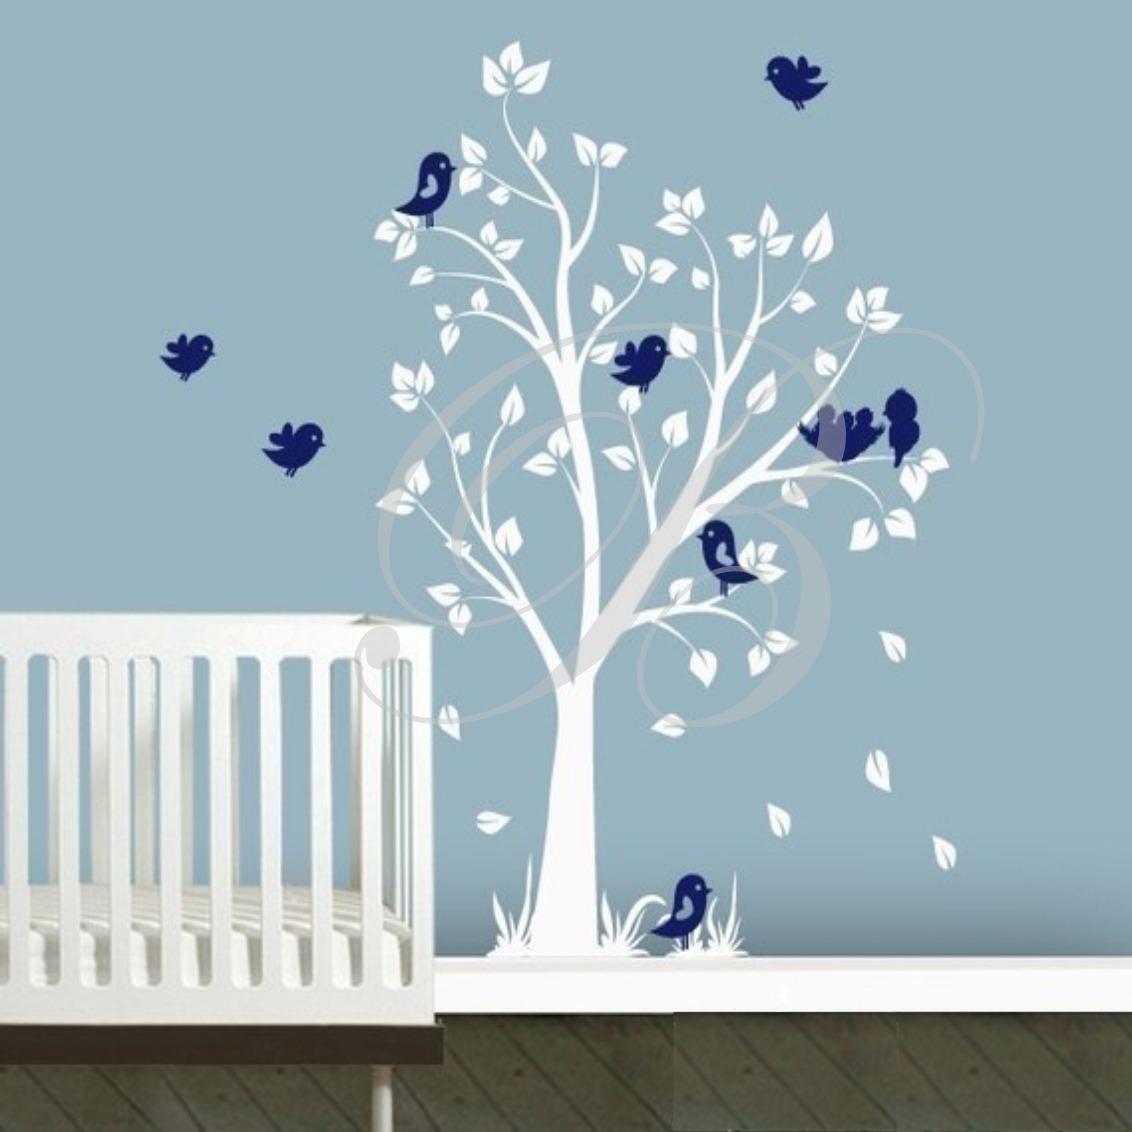 Adesivos De Parede Decorativo Rvores Grandes Infantil R 119 00  -> Modelos De Papel De Parede Em Forma De Flores